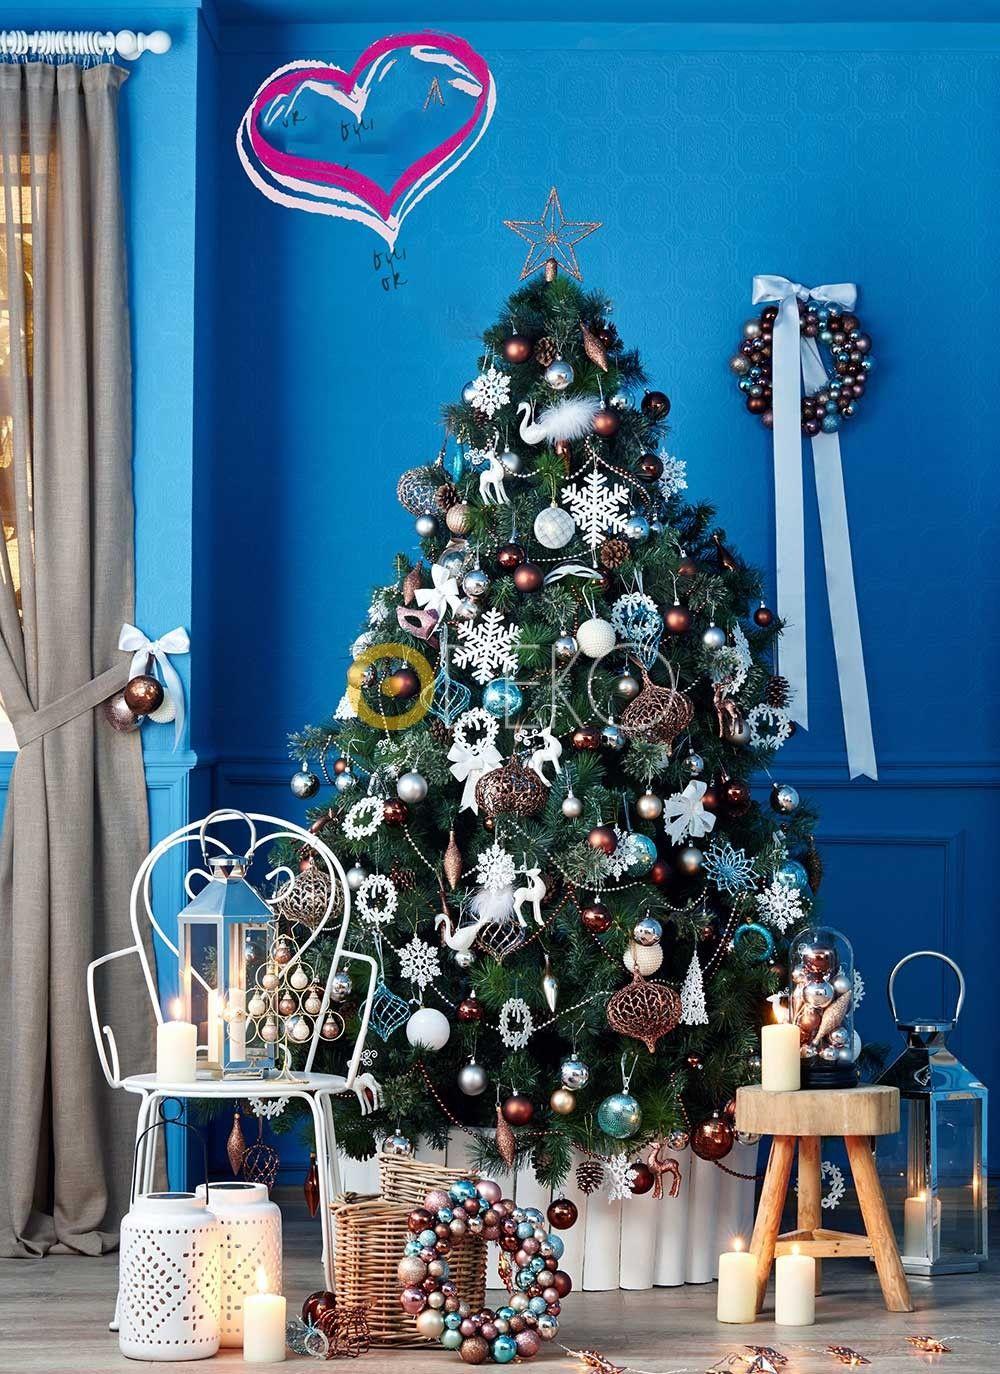 Weihnachten Ideen 2019.Haus Deko Ideen Für Weihnachten 2019 Weihnachten Home Decor